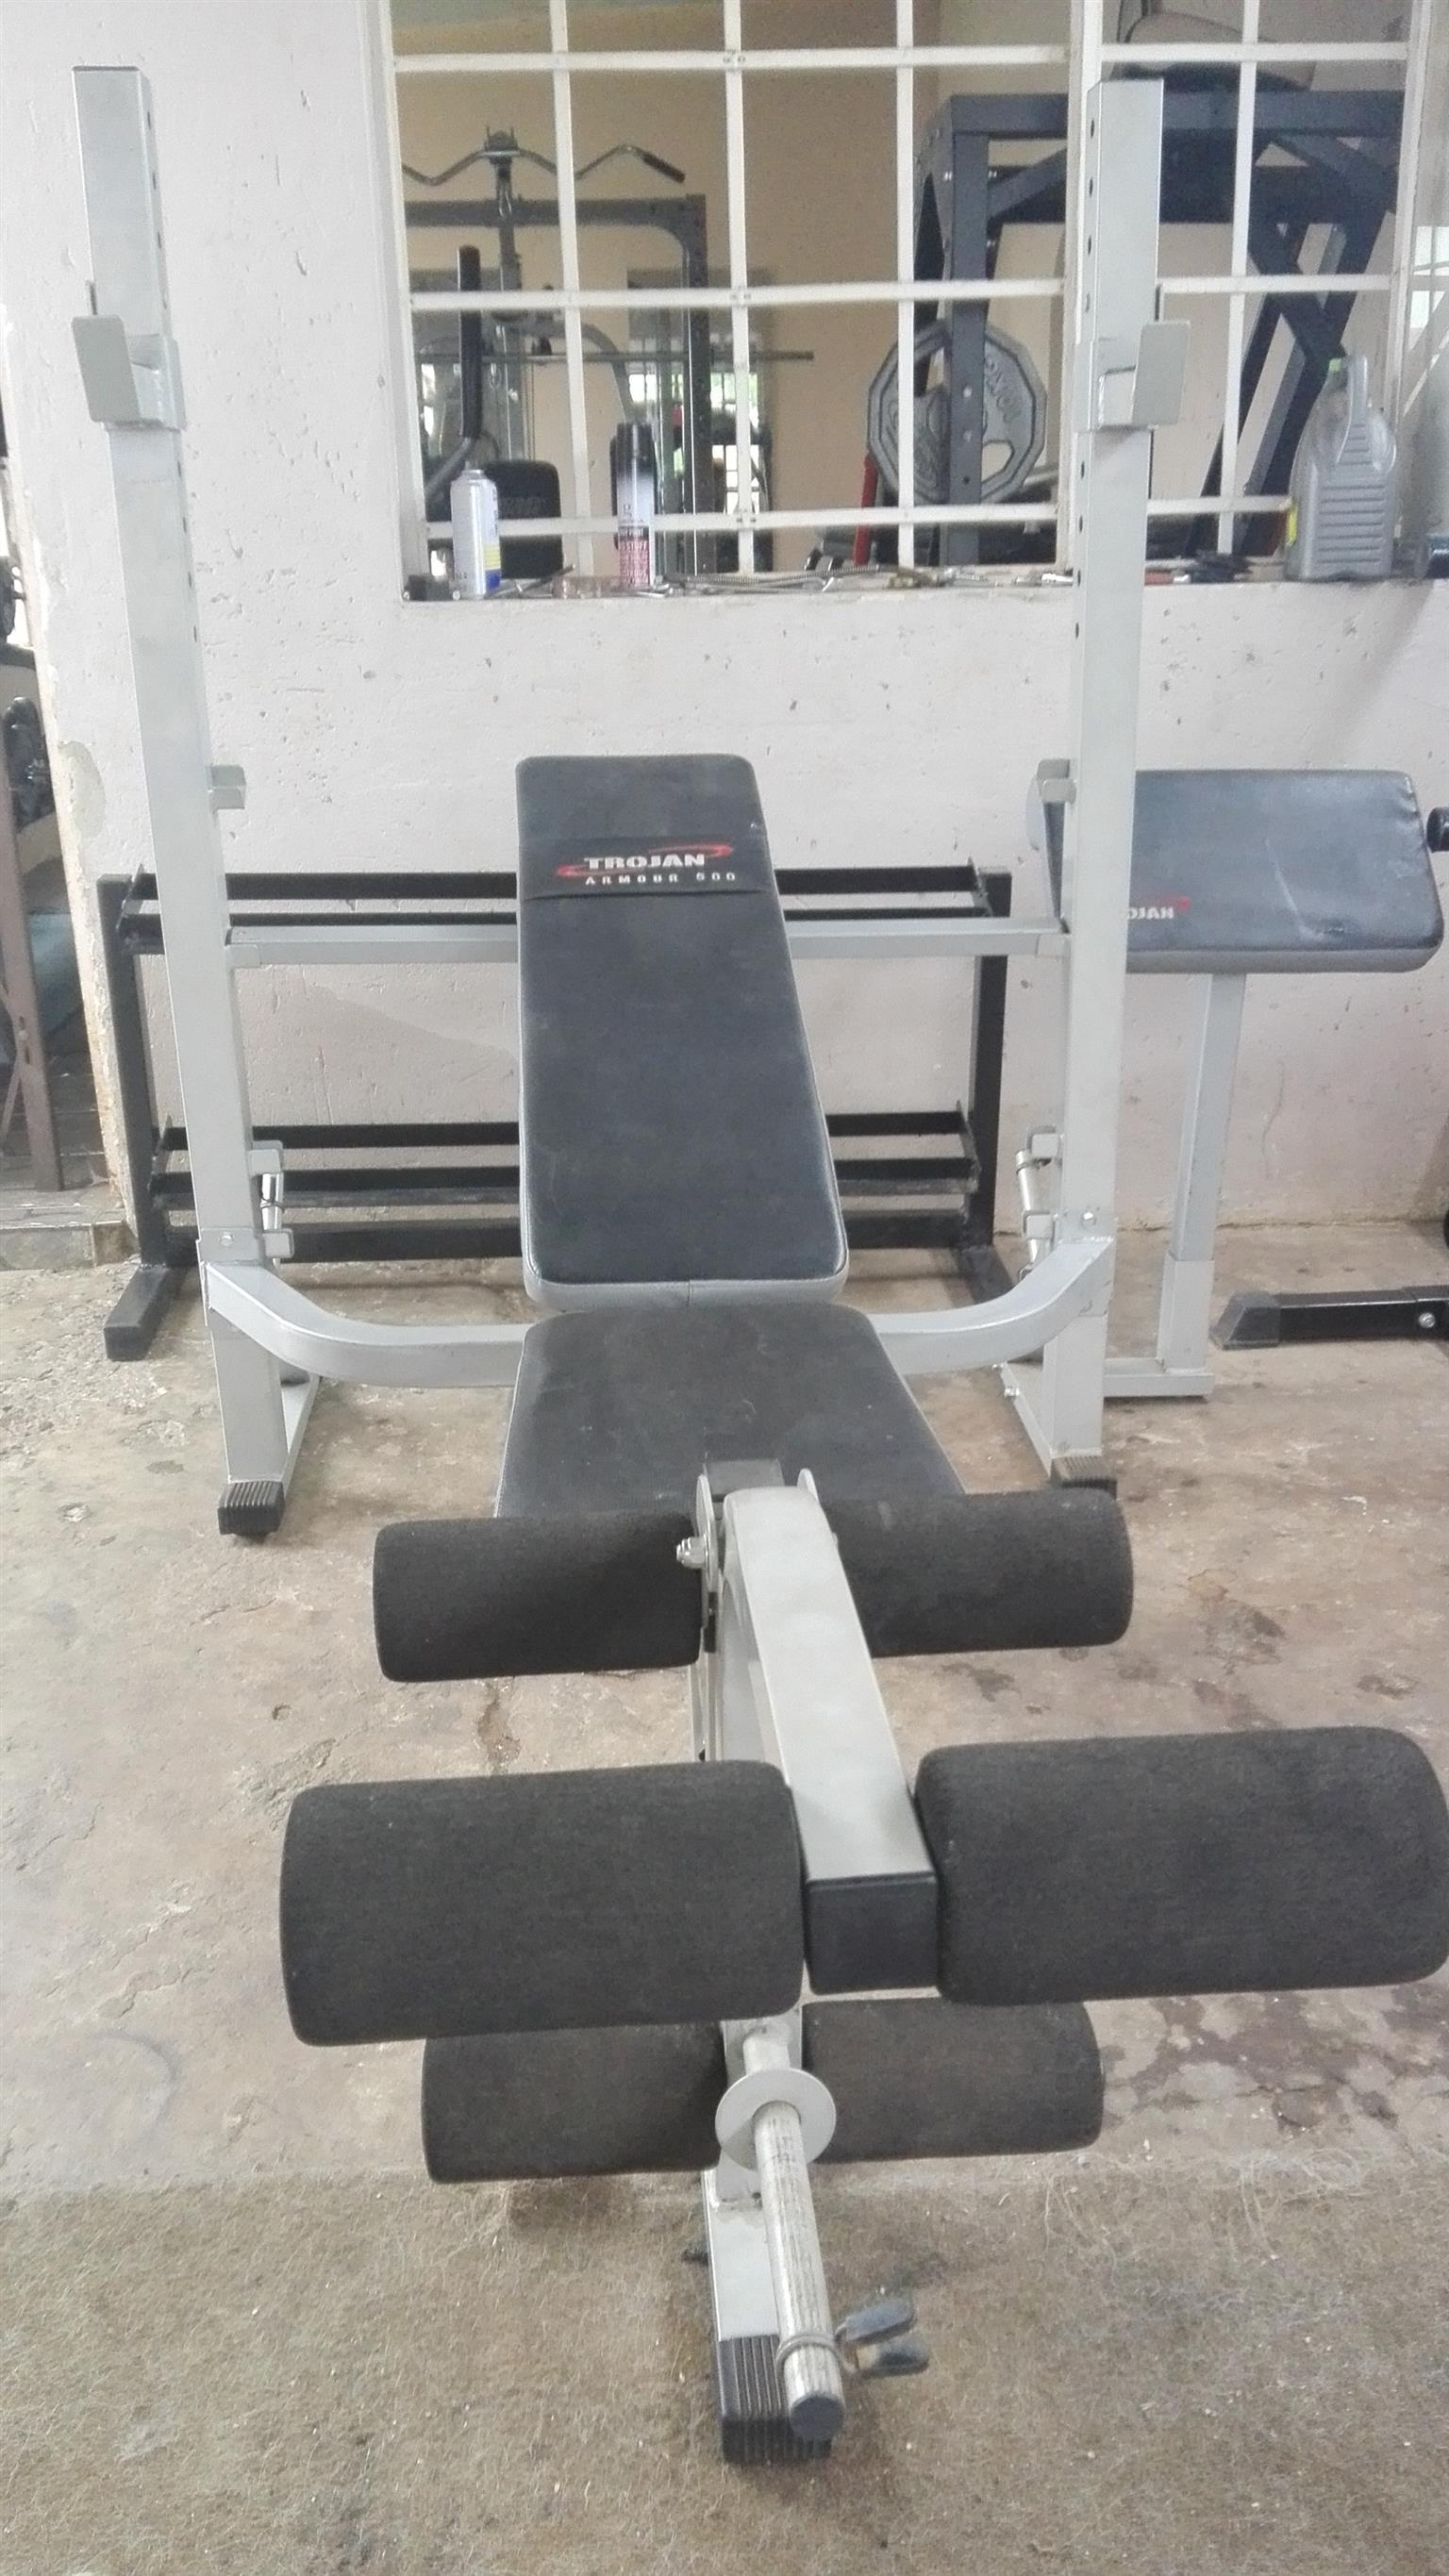 Trogan bench press